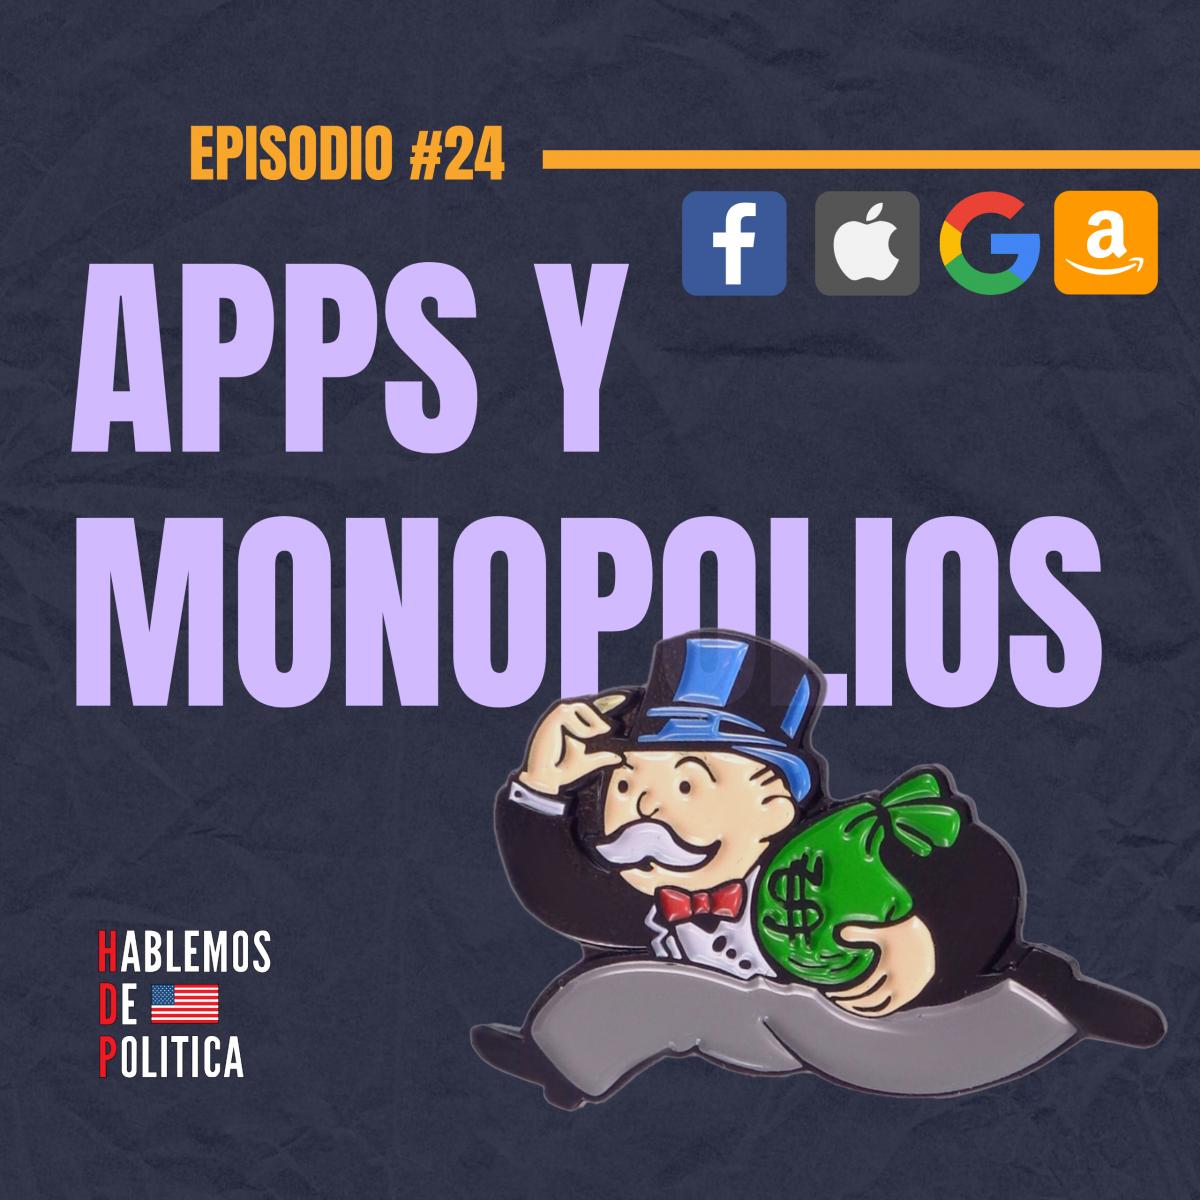 Apps y Monopolios